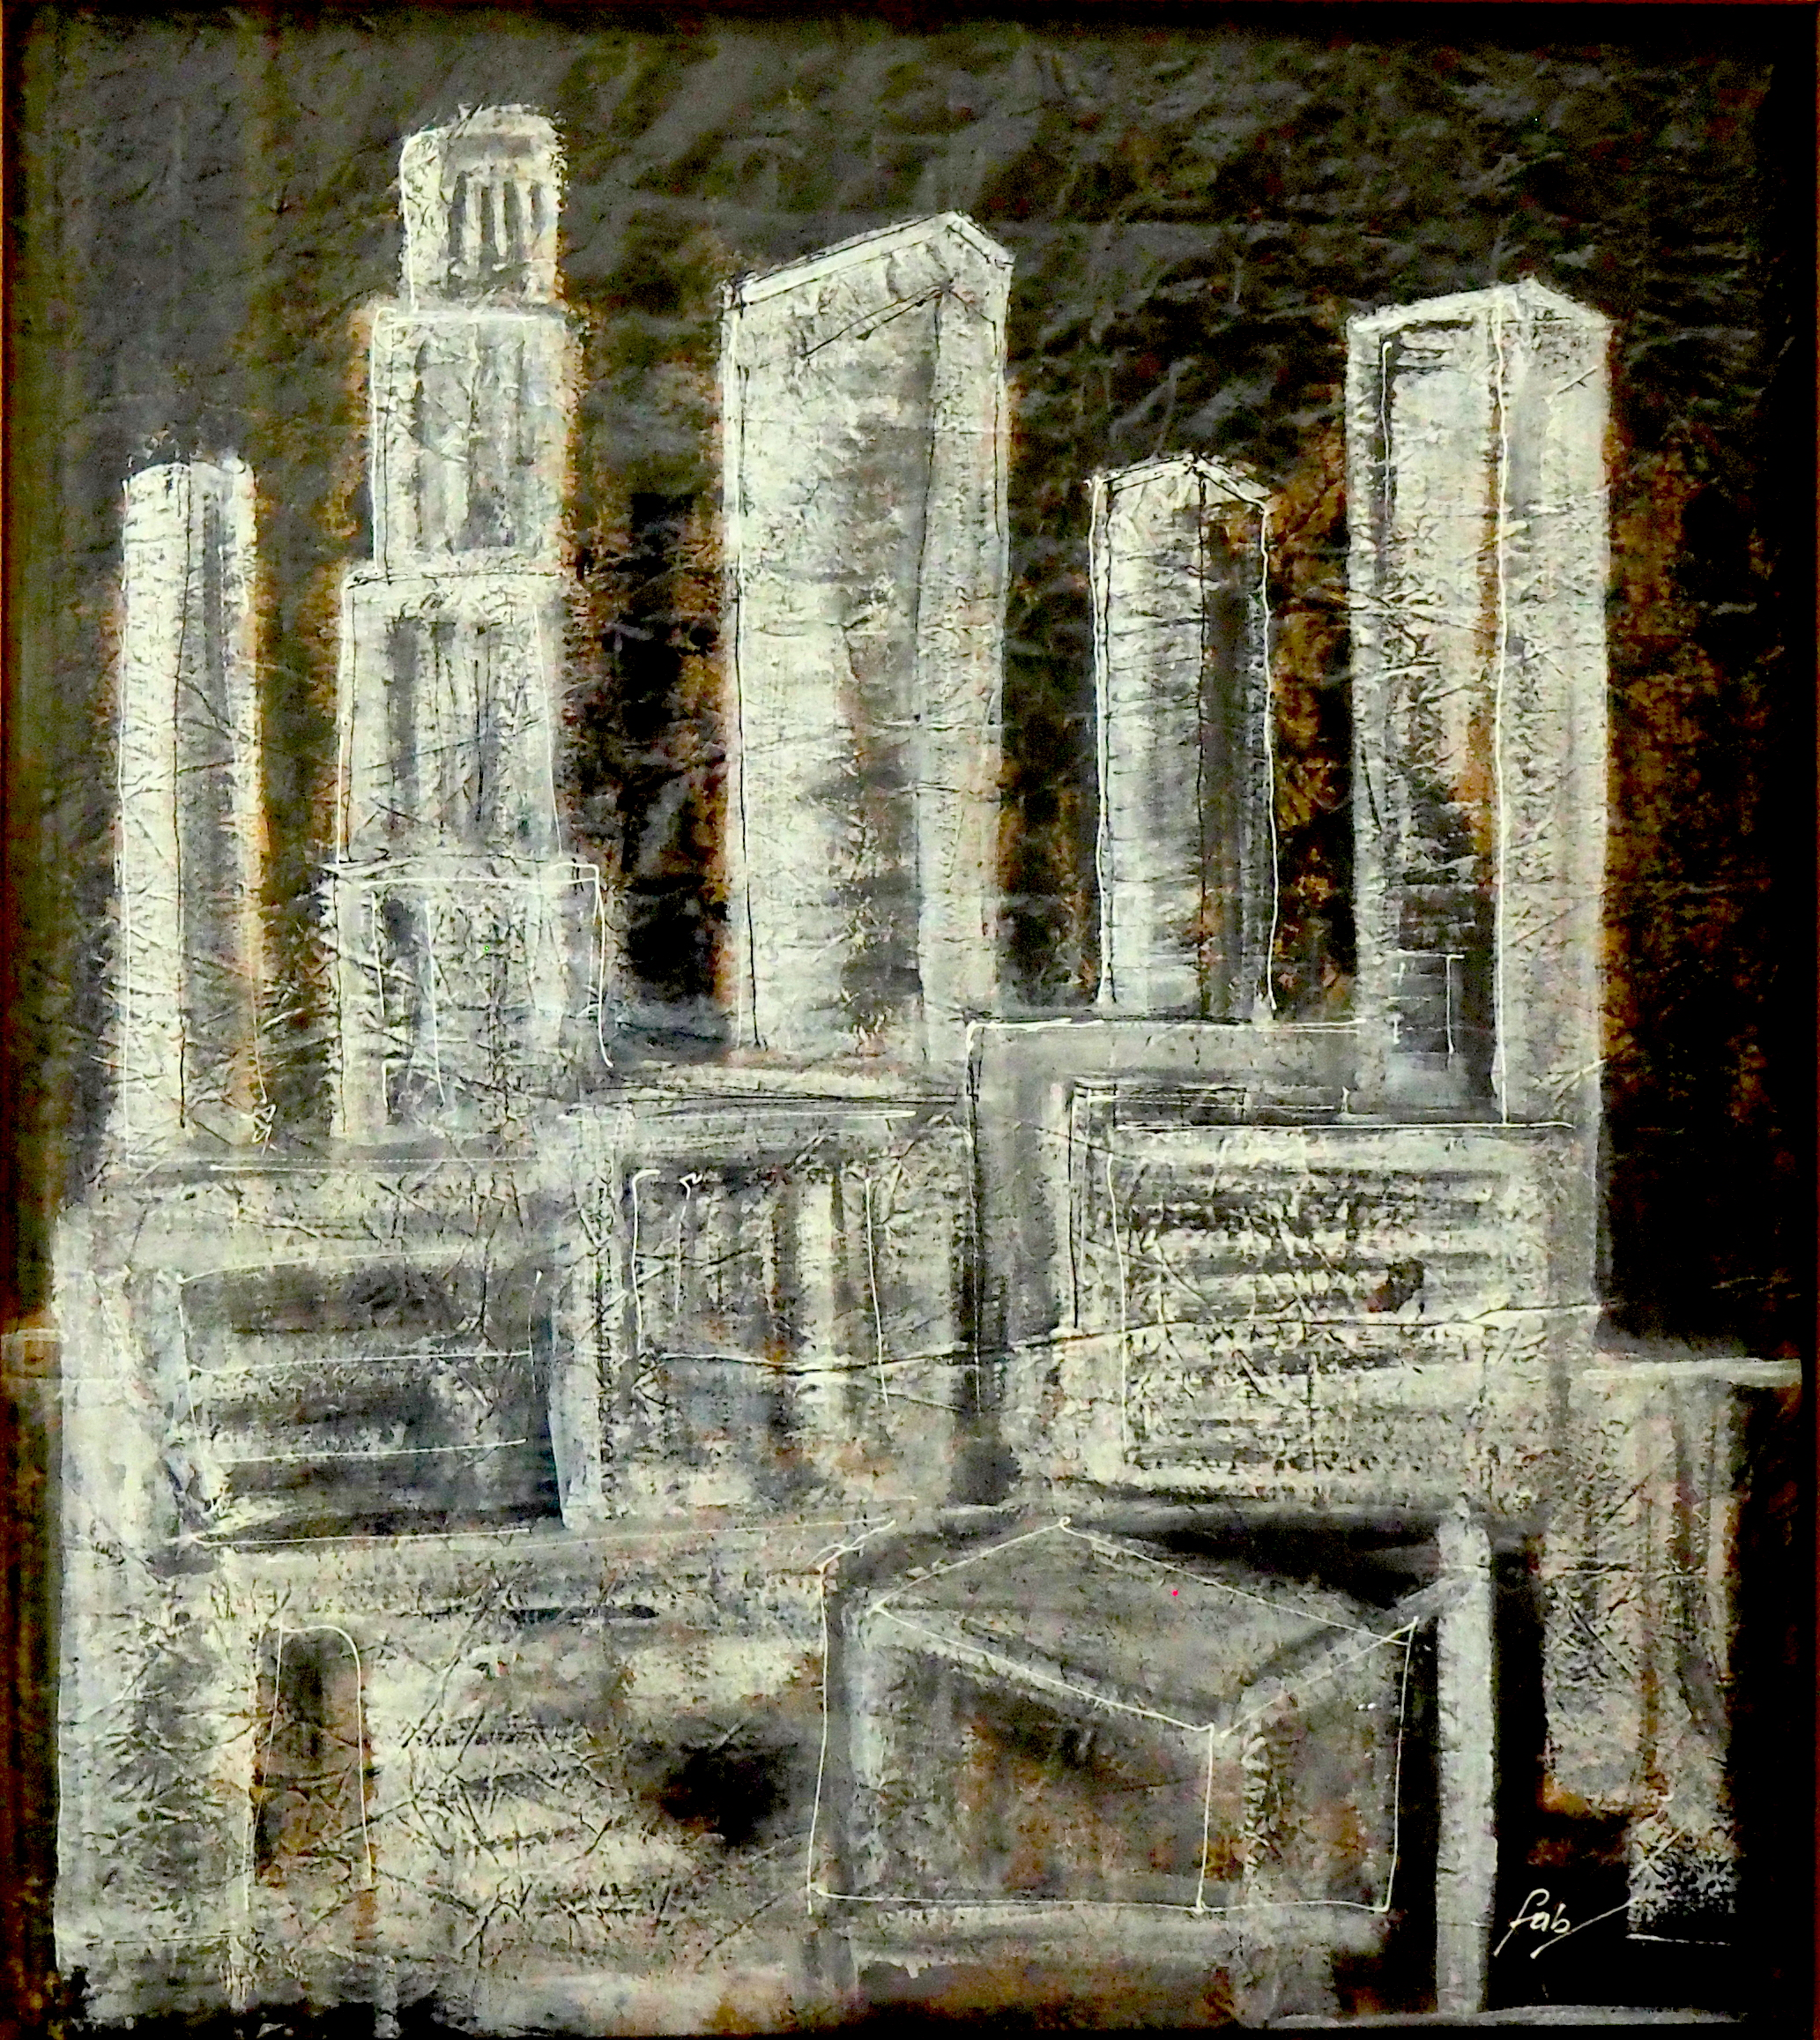 Cityscape I (1985)<br> Ink and color pencil on paper<br> 26 in x 39 in<br><br> ©Flavio Bisciotti